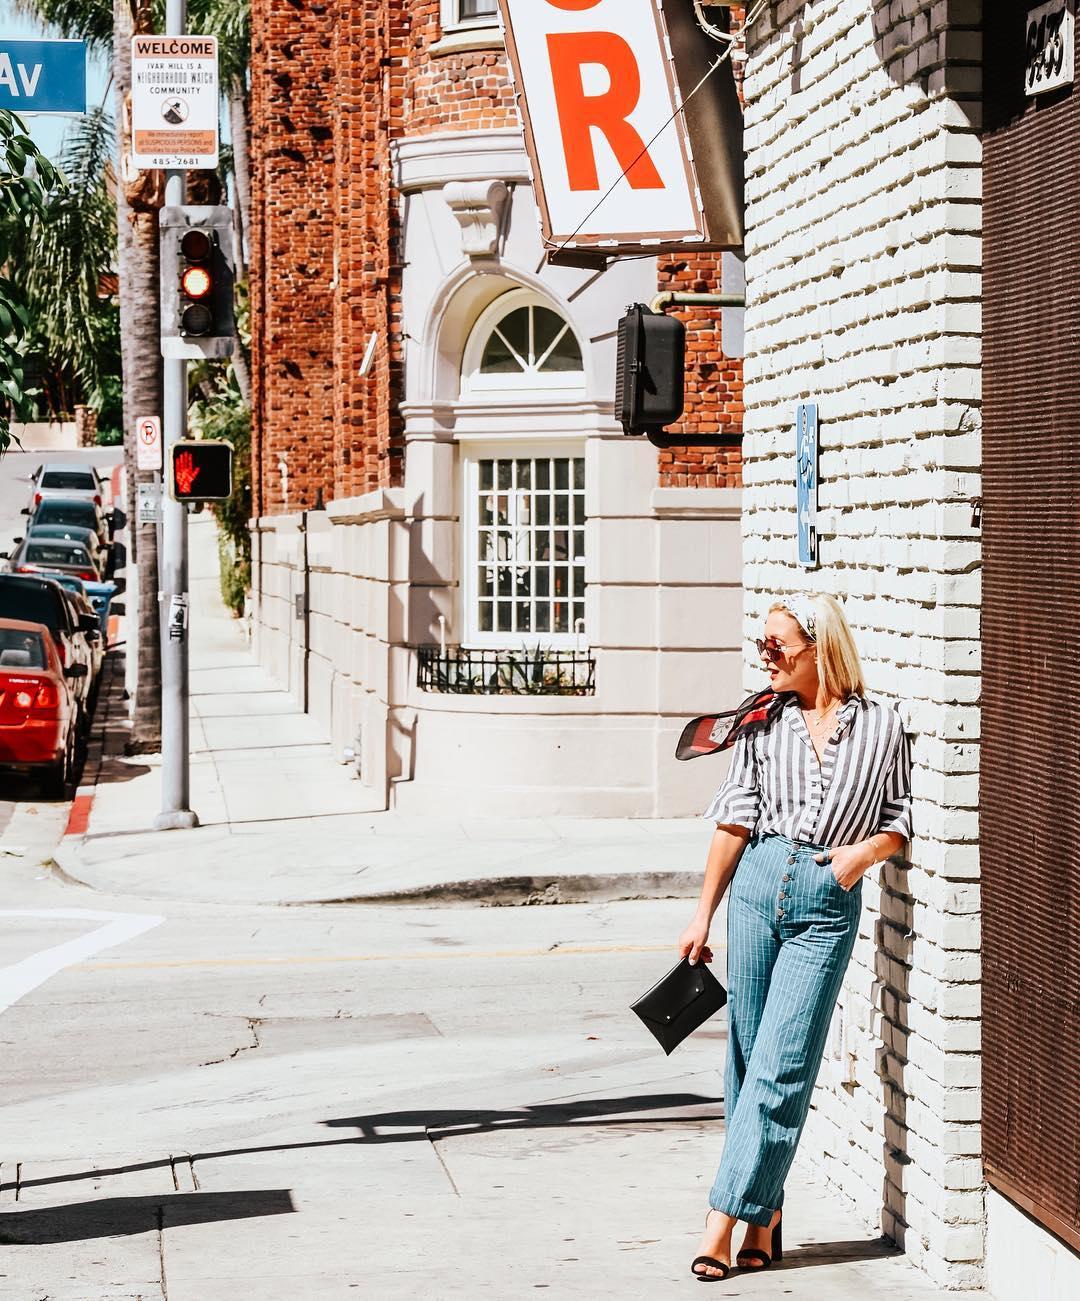 летний уличный стиль 2019 для женщин 40-50 лет фото 1